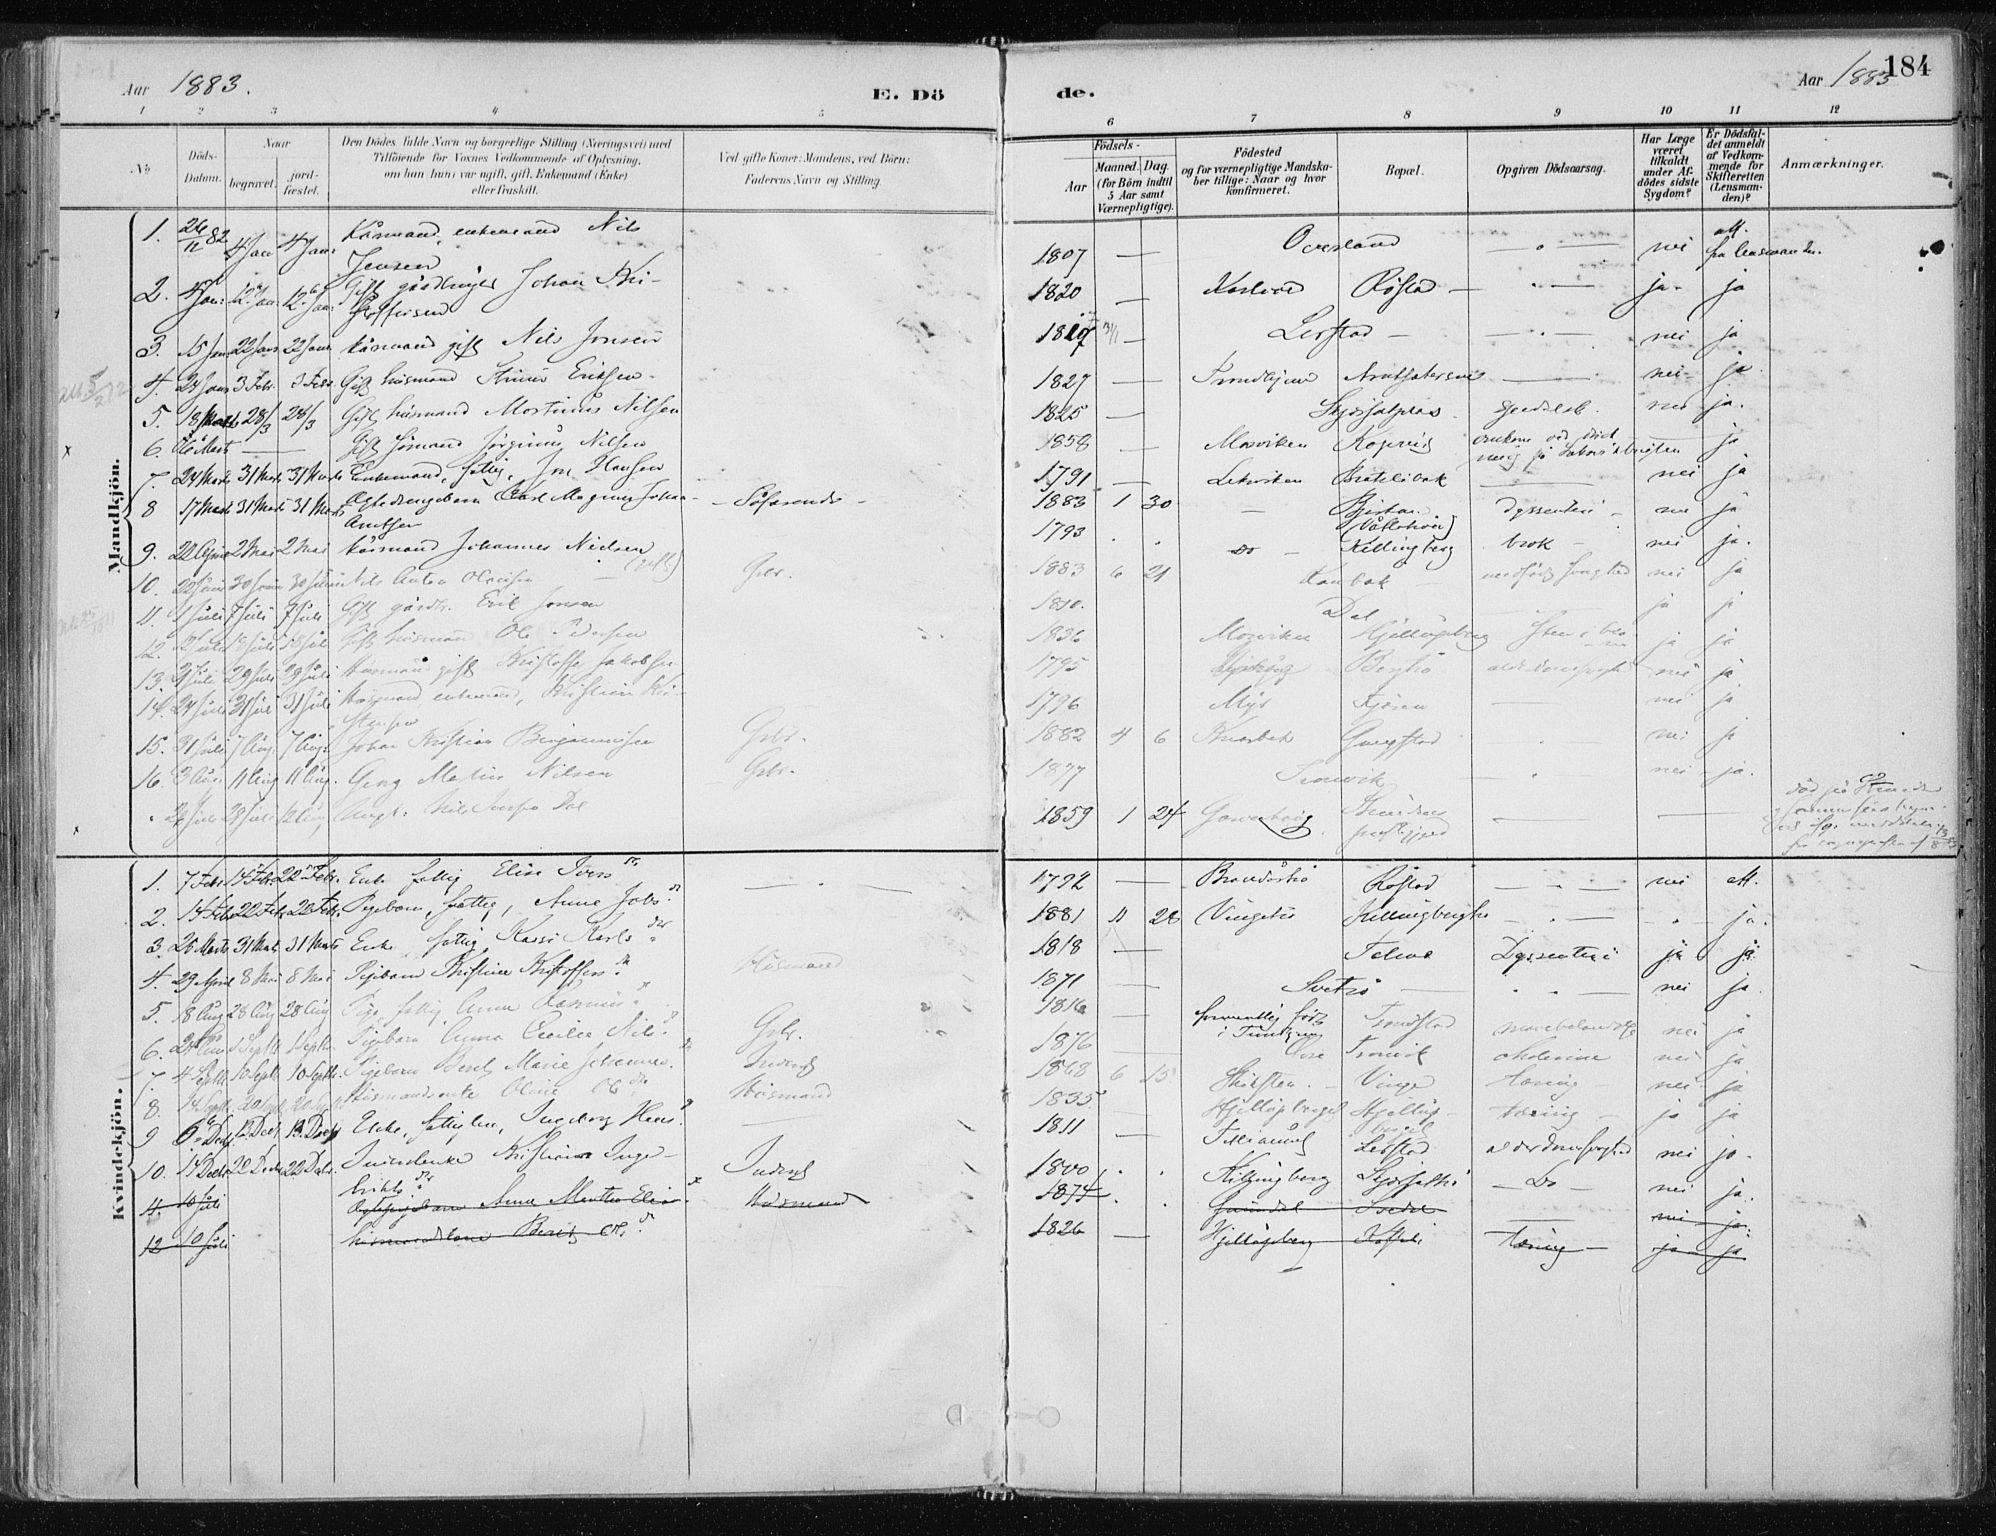 SAT, Ministerialprotokoller, klokkerbøker og fødselsregistre - Nord-Trøndelag, 701/L0010: Ministerialbok nr. 701A10, 1883-1899, s. 184